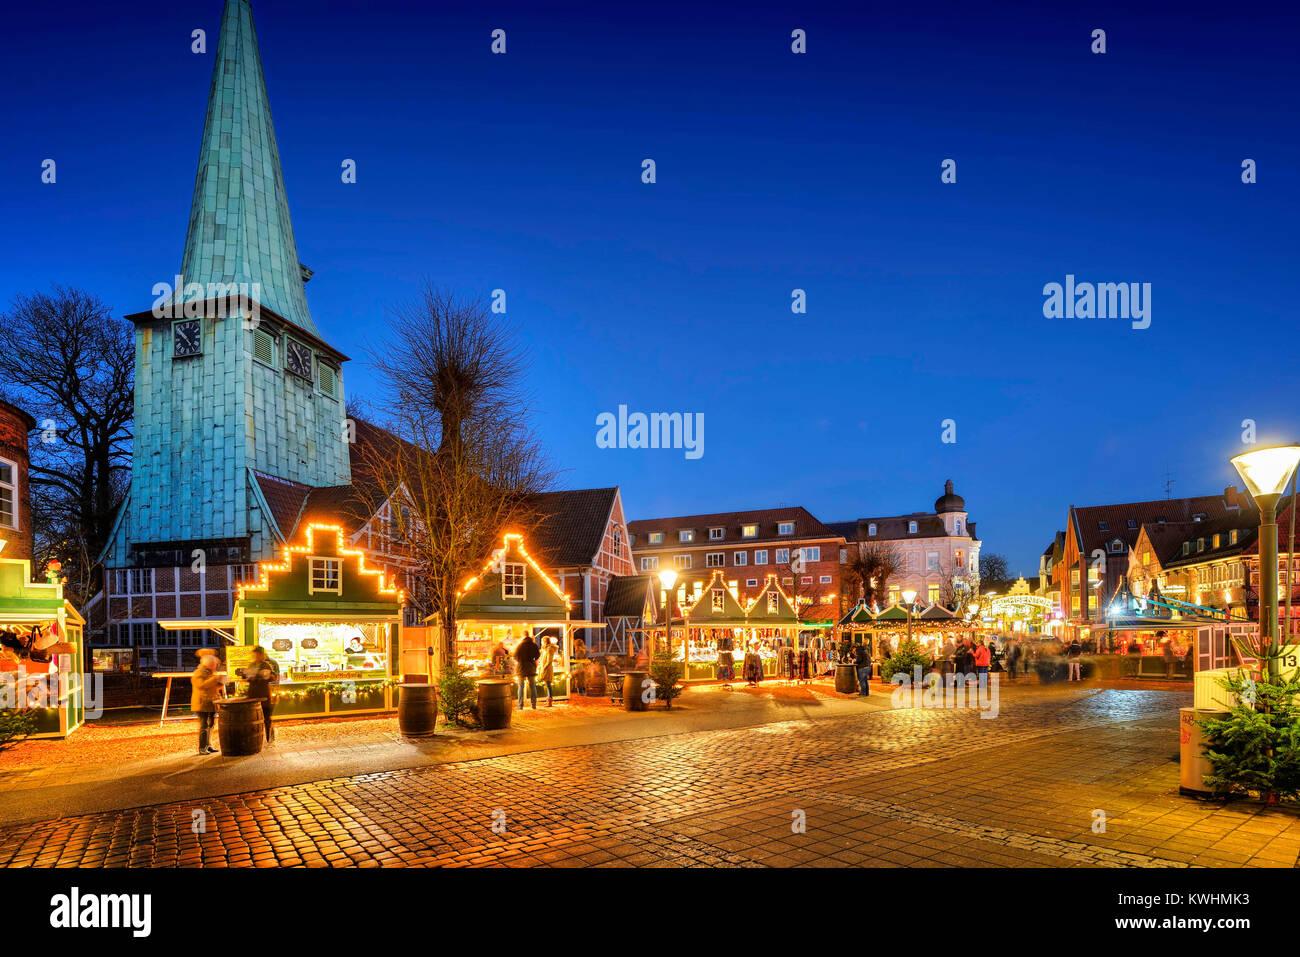 Christmas fair in mountain village, Hamburg, Germany, Europe, Weihnachtsmarkt in Bergedorf, Deutschland, Europa - Stock Image